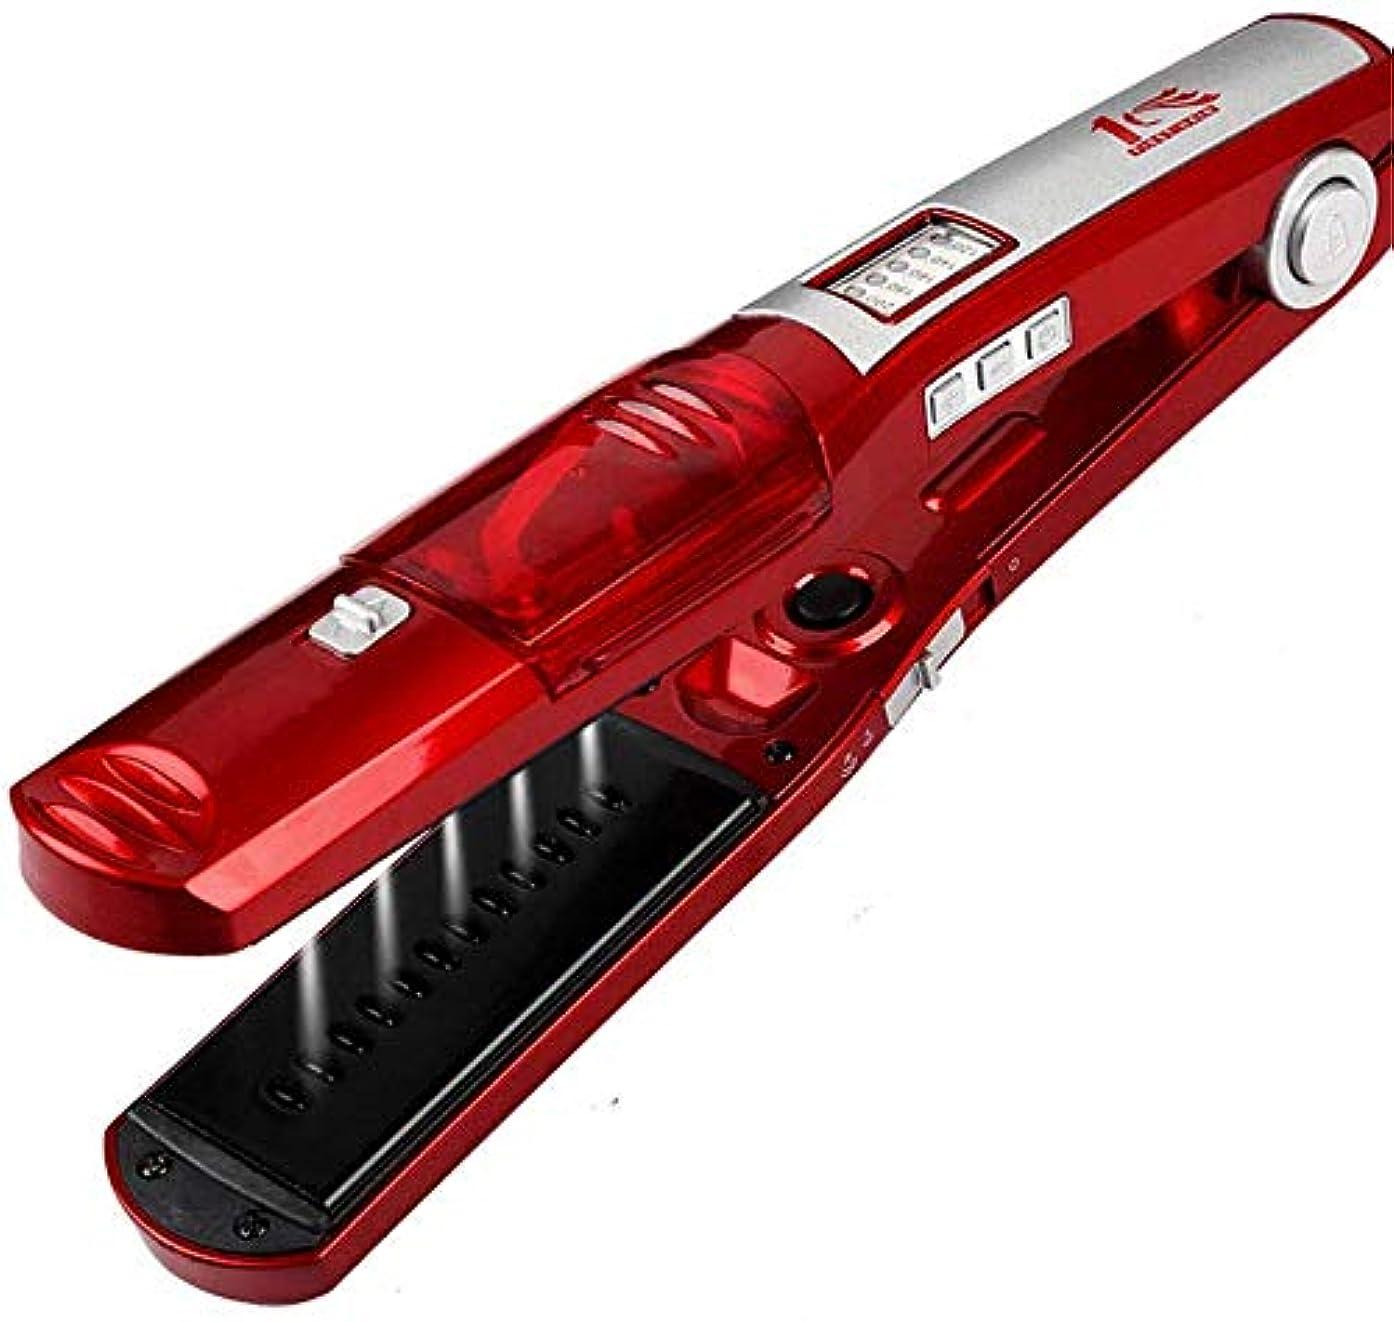 緩める工業化する消費ストレートヘアアイロン/カーラー 毛矯正は、すべての髪のタイプのために、LED、温度調整と蒸気矯正ロールストレートデュアルユーストルマリンセラミックヘアカーラースプレー